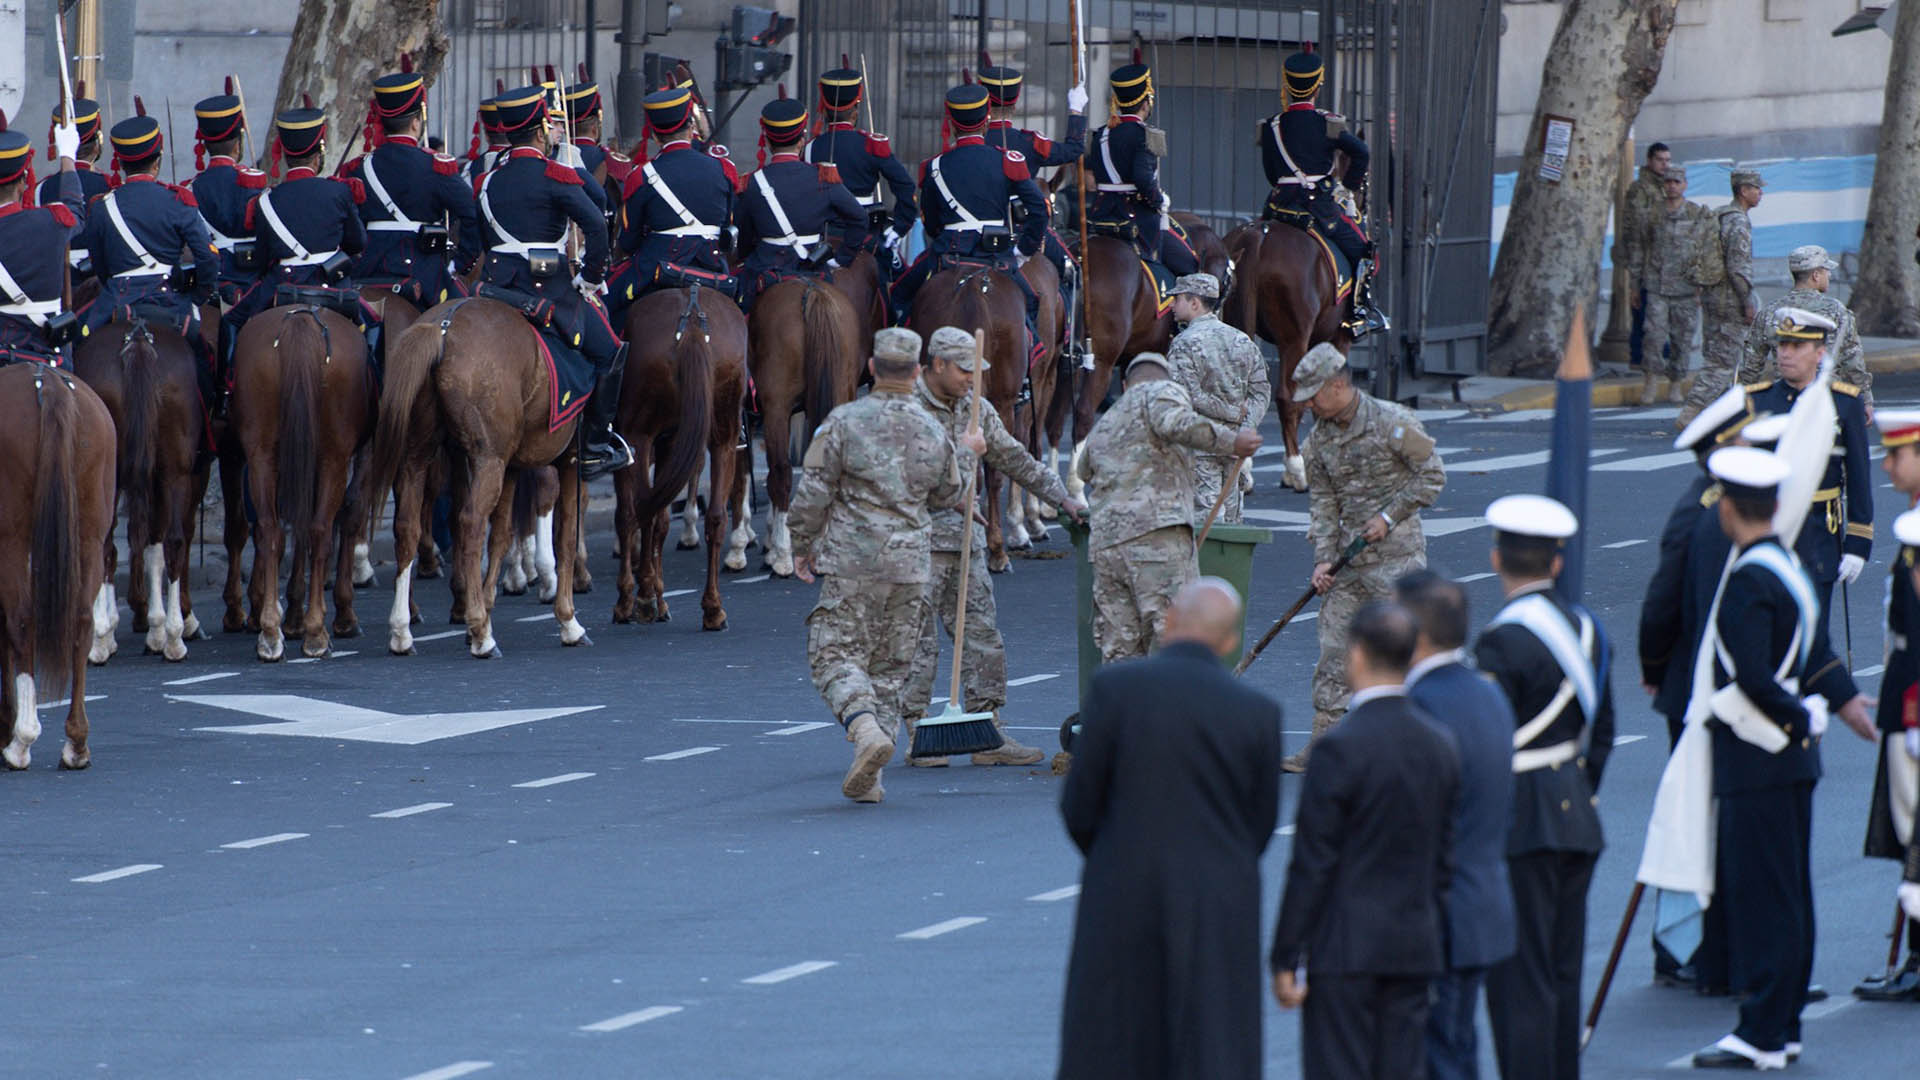 El Regimiento de Granaderos a Caballos es la Escolta Presidencial de la República Argentina, a cargo de las misiones de Ceremonial y Seguridad del presidente de la Nación